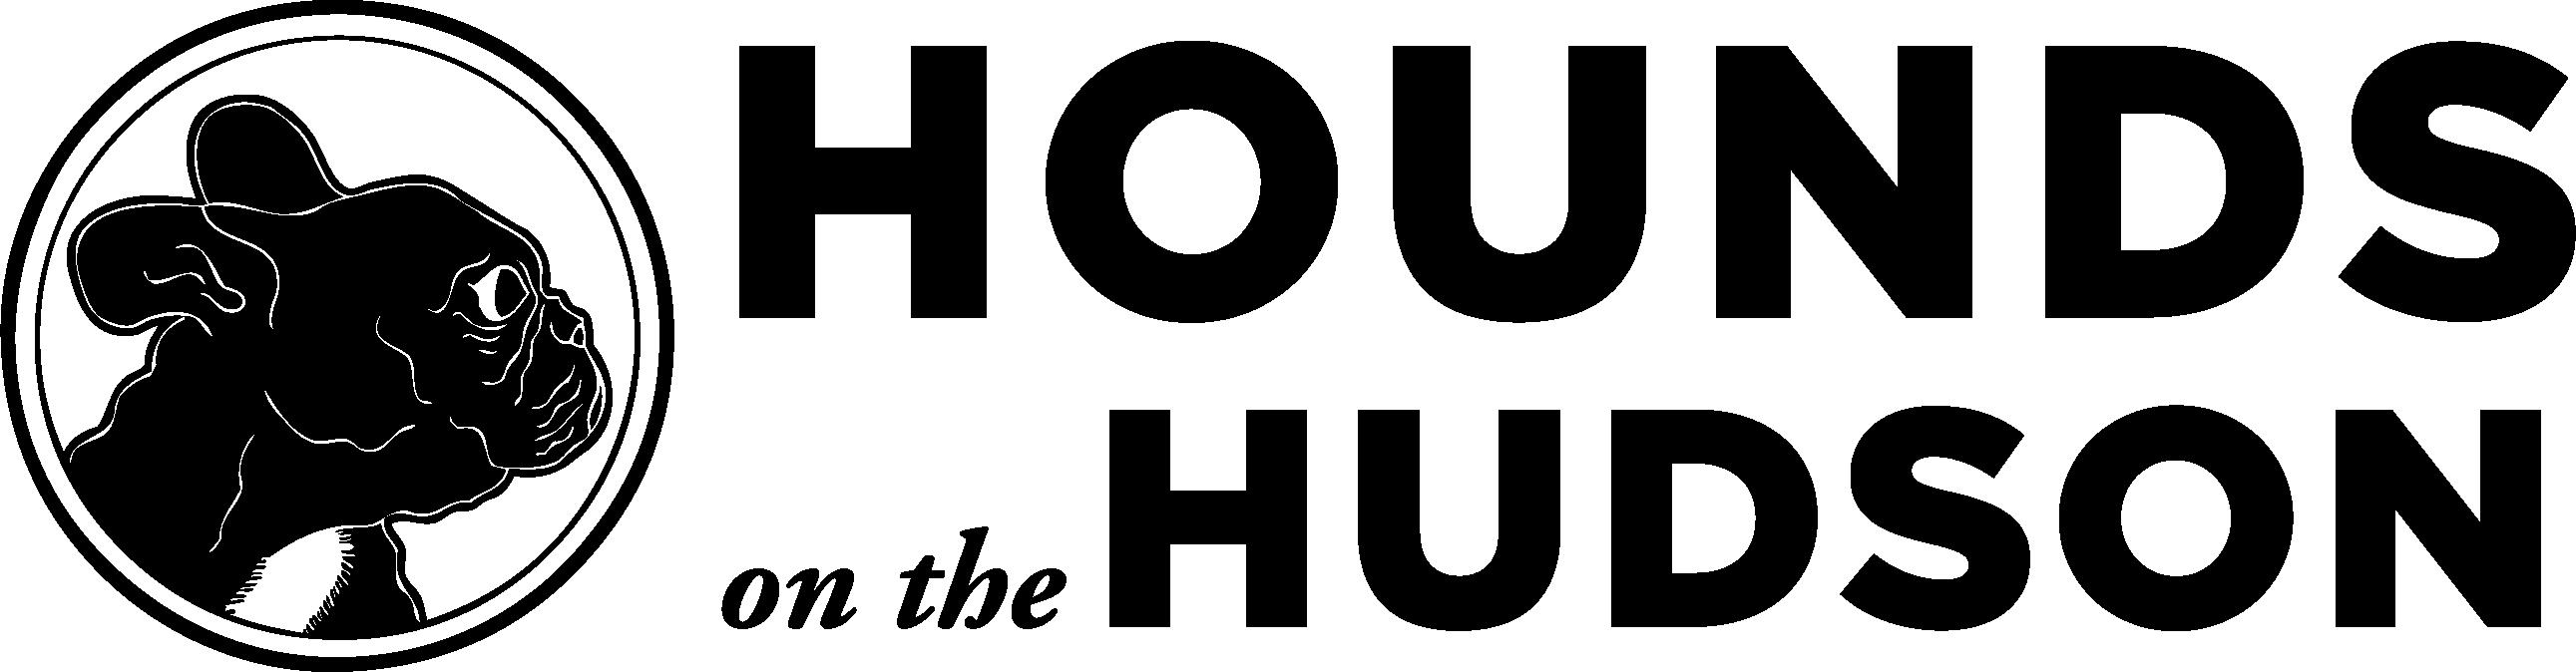 houndsonthehudson_logo